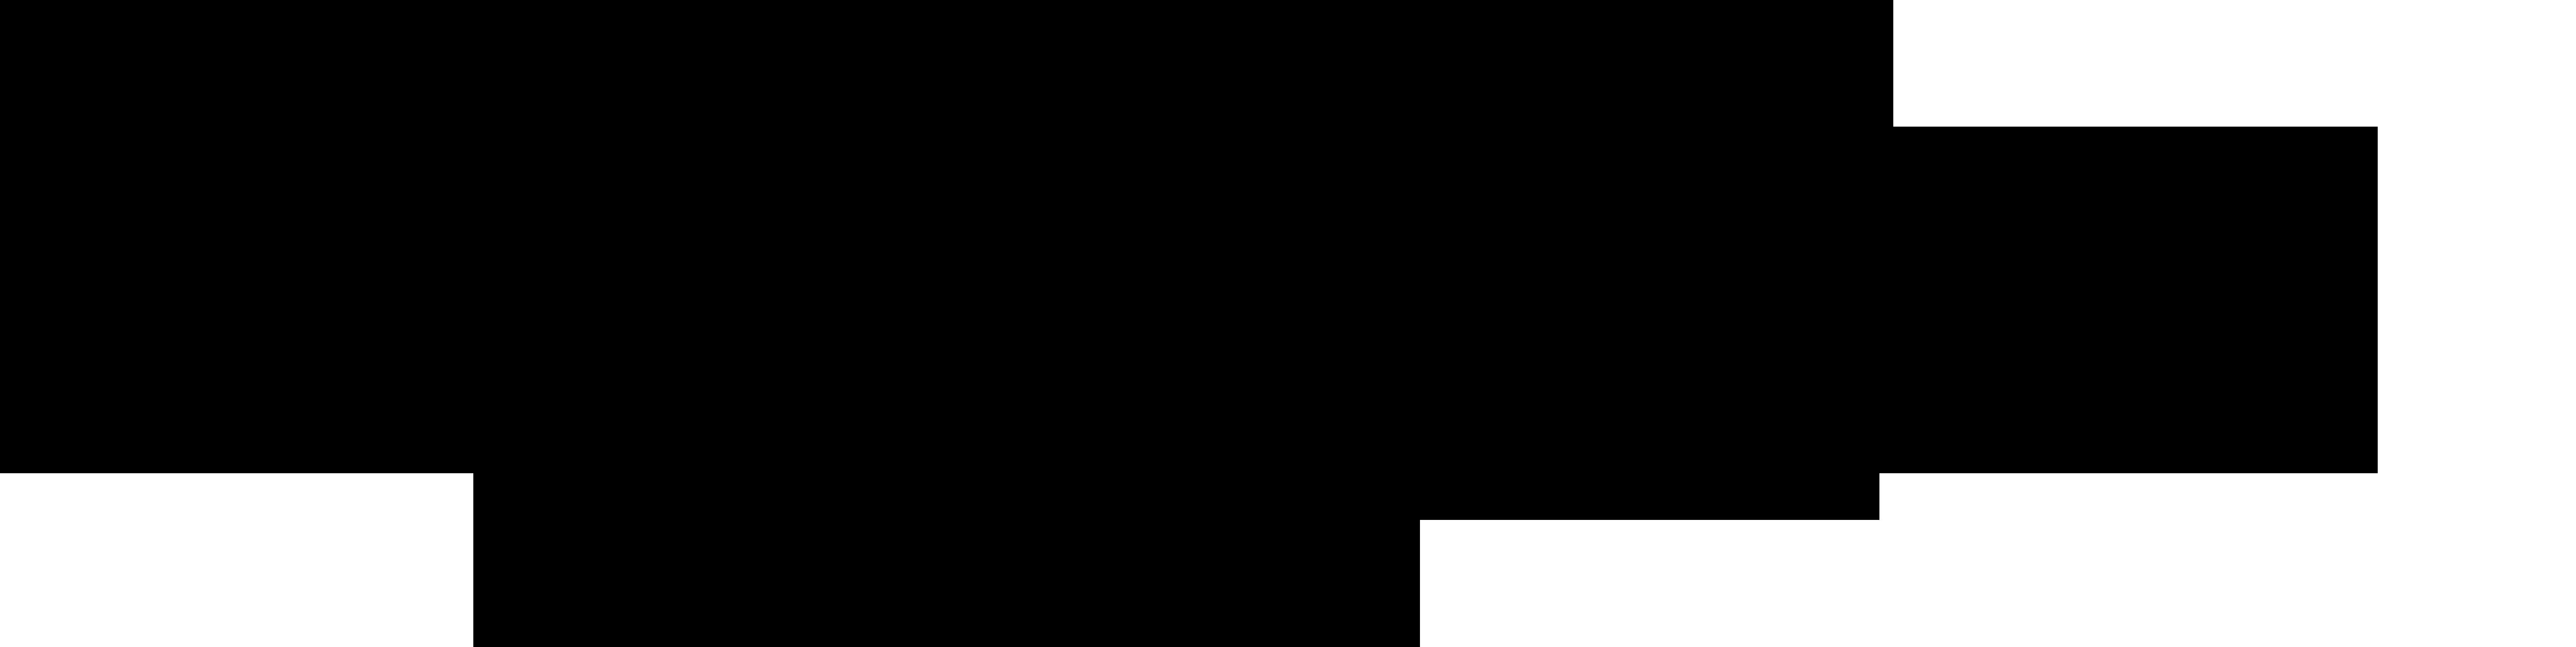 Empiriafoto Logo